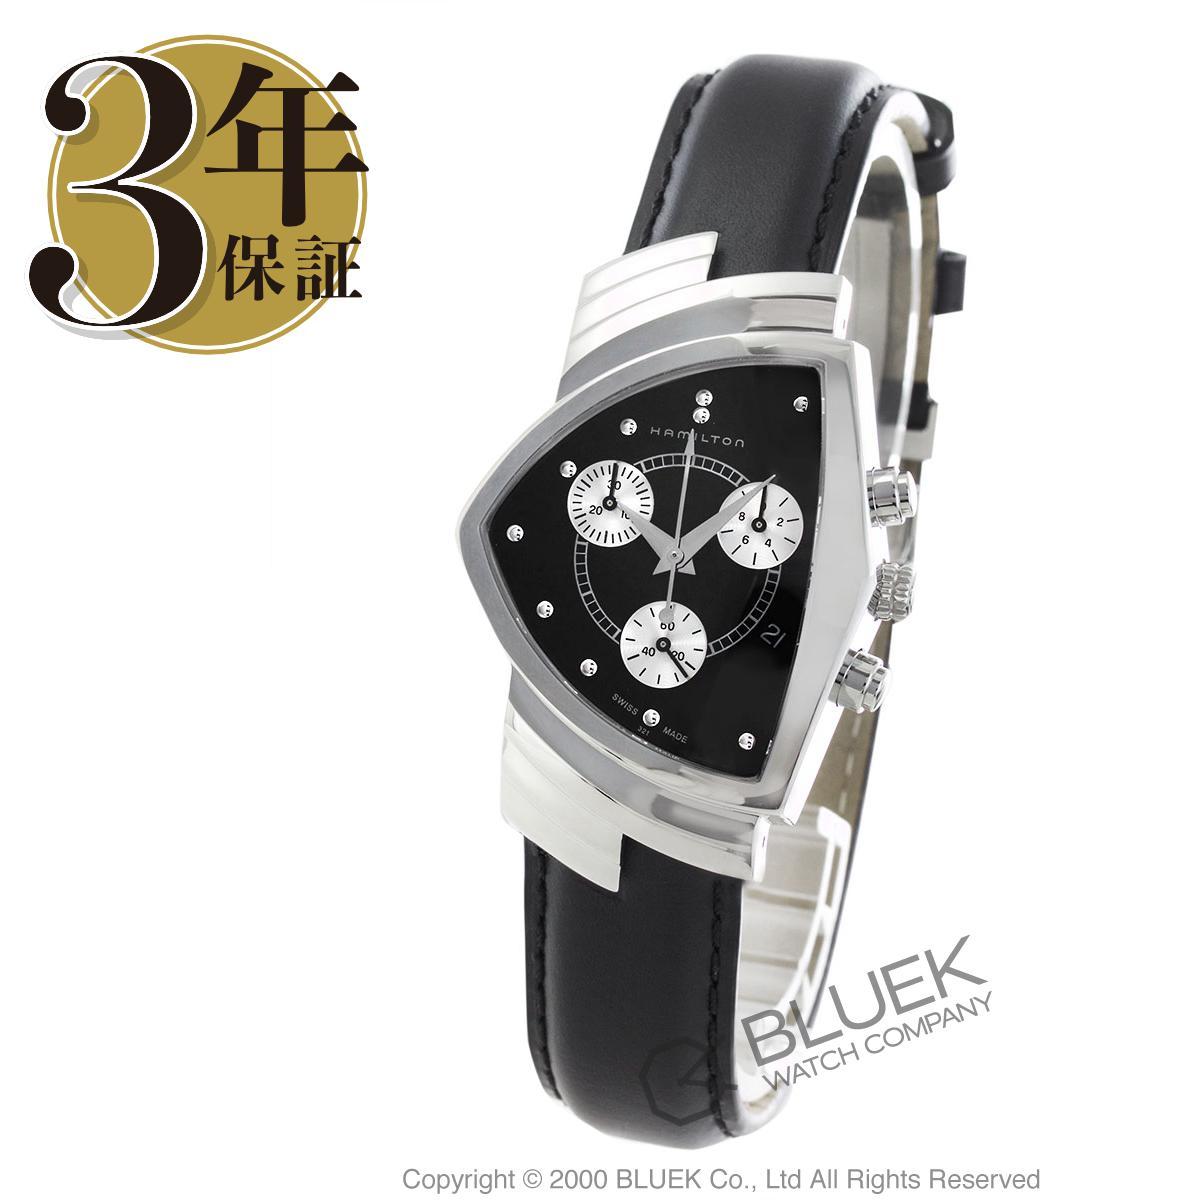 ハミルトン ベンチュラ クロノグラフ 腕時計 メンズ HAMILTON H24412732_8 バーゲン 成人祝い ギフト プレゼント